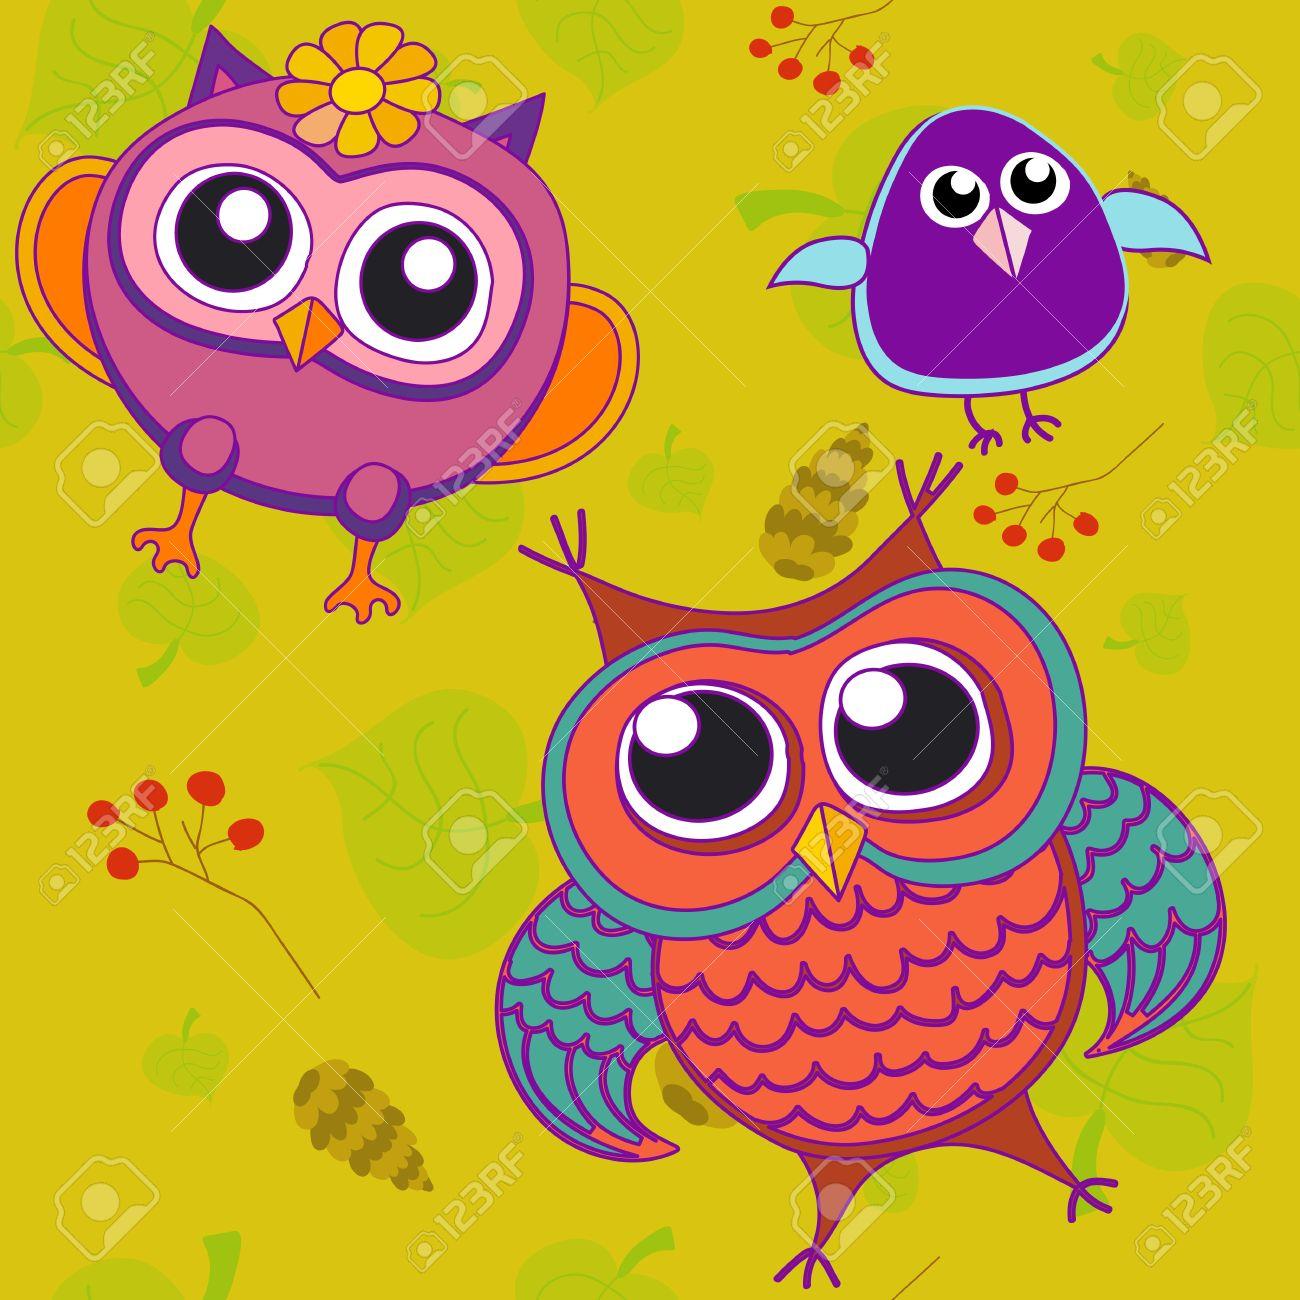 Hibou, Oiseau, Rose, Arbre, Animal, Feuille, Dessin, Illustration, Couleur,  Branche, Vecteur, Art, Vert, Résumé, Fleur, Fond, avec Hibou Dessin Couleur